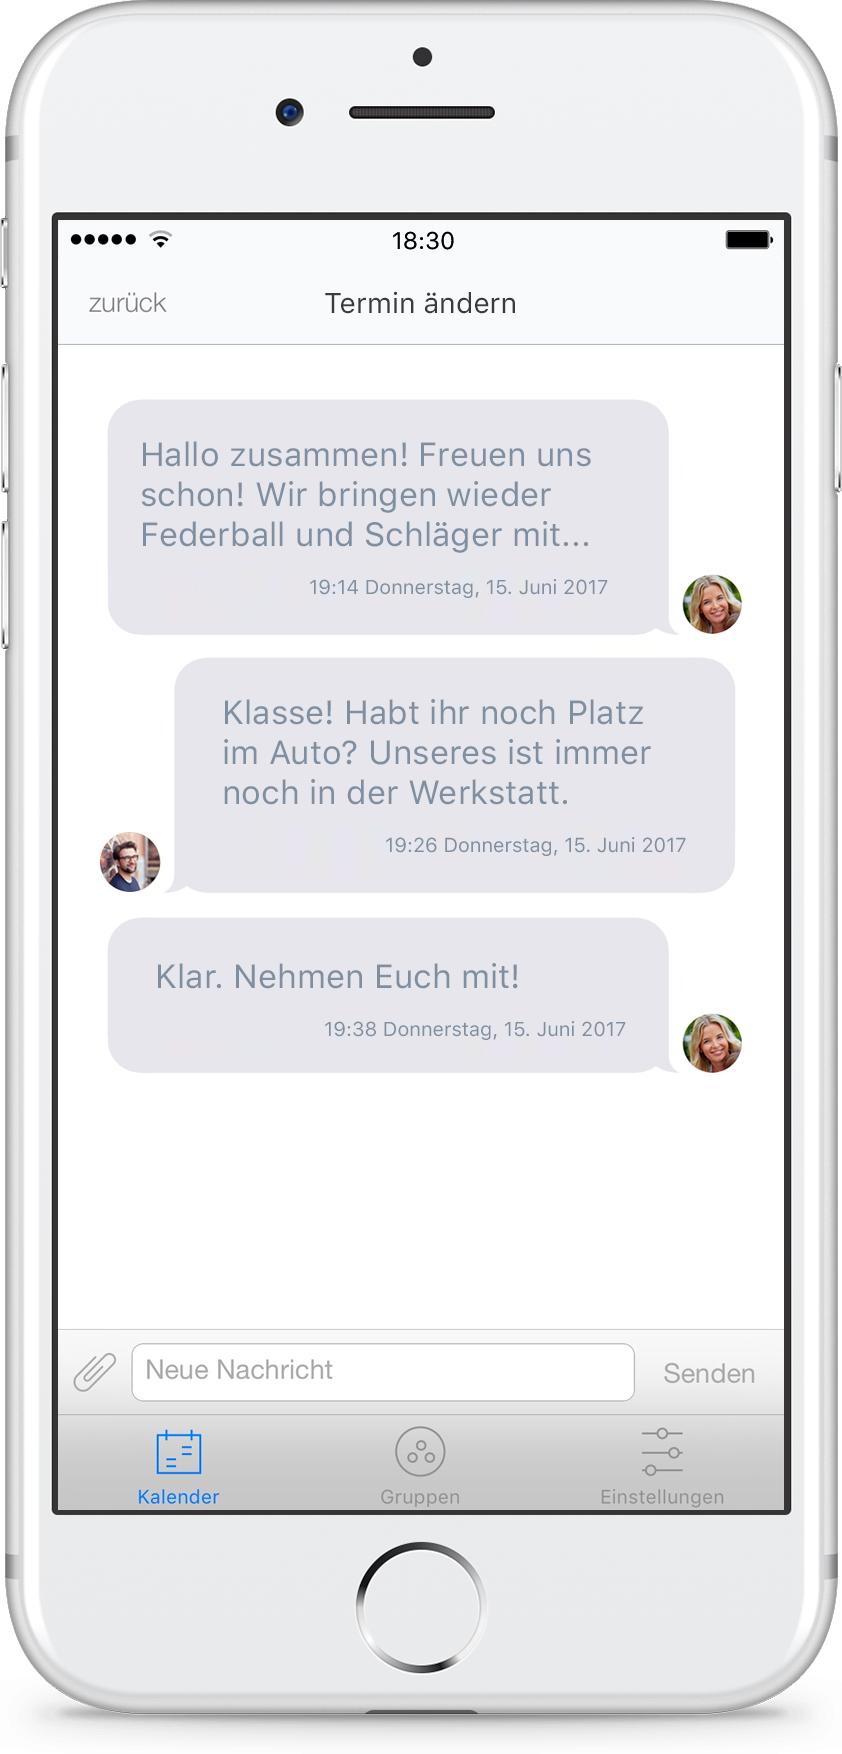 looping_app_tutorial_ios_chat